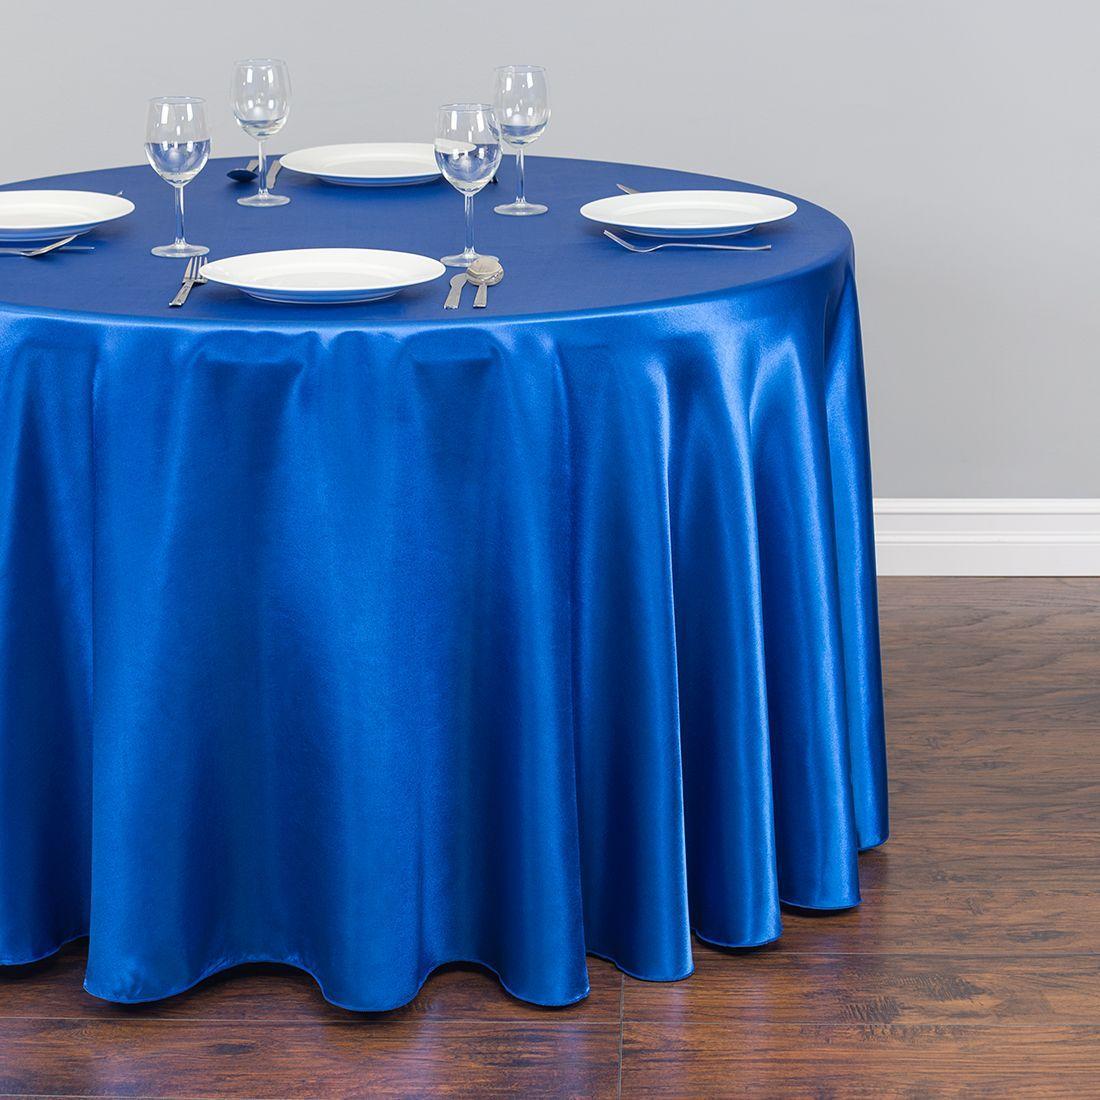 Скатерть круглая атласная ярко синяя Atteks 280 см - 1405